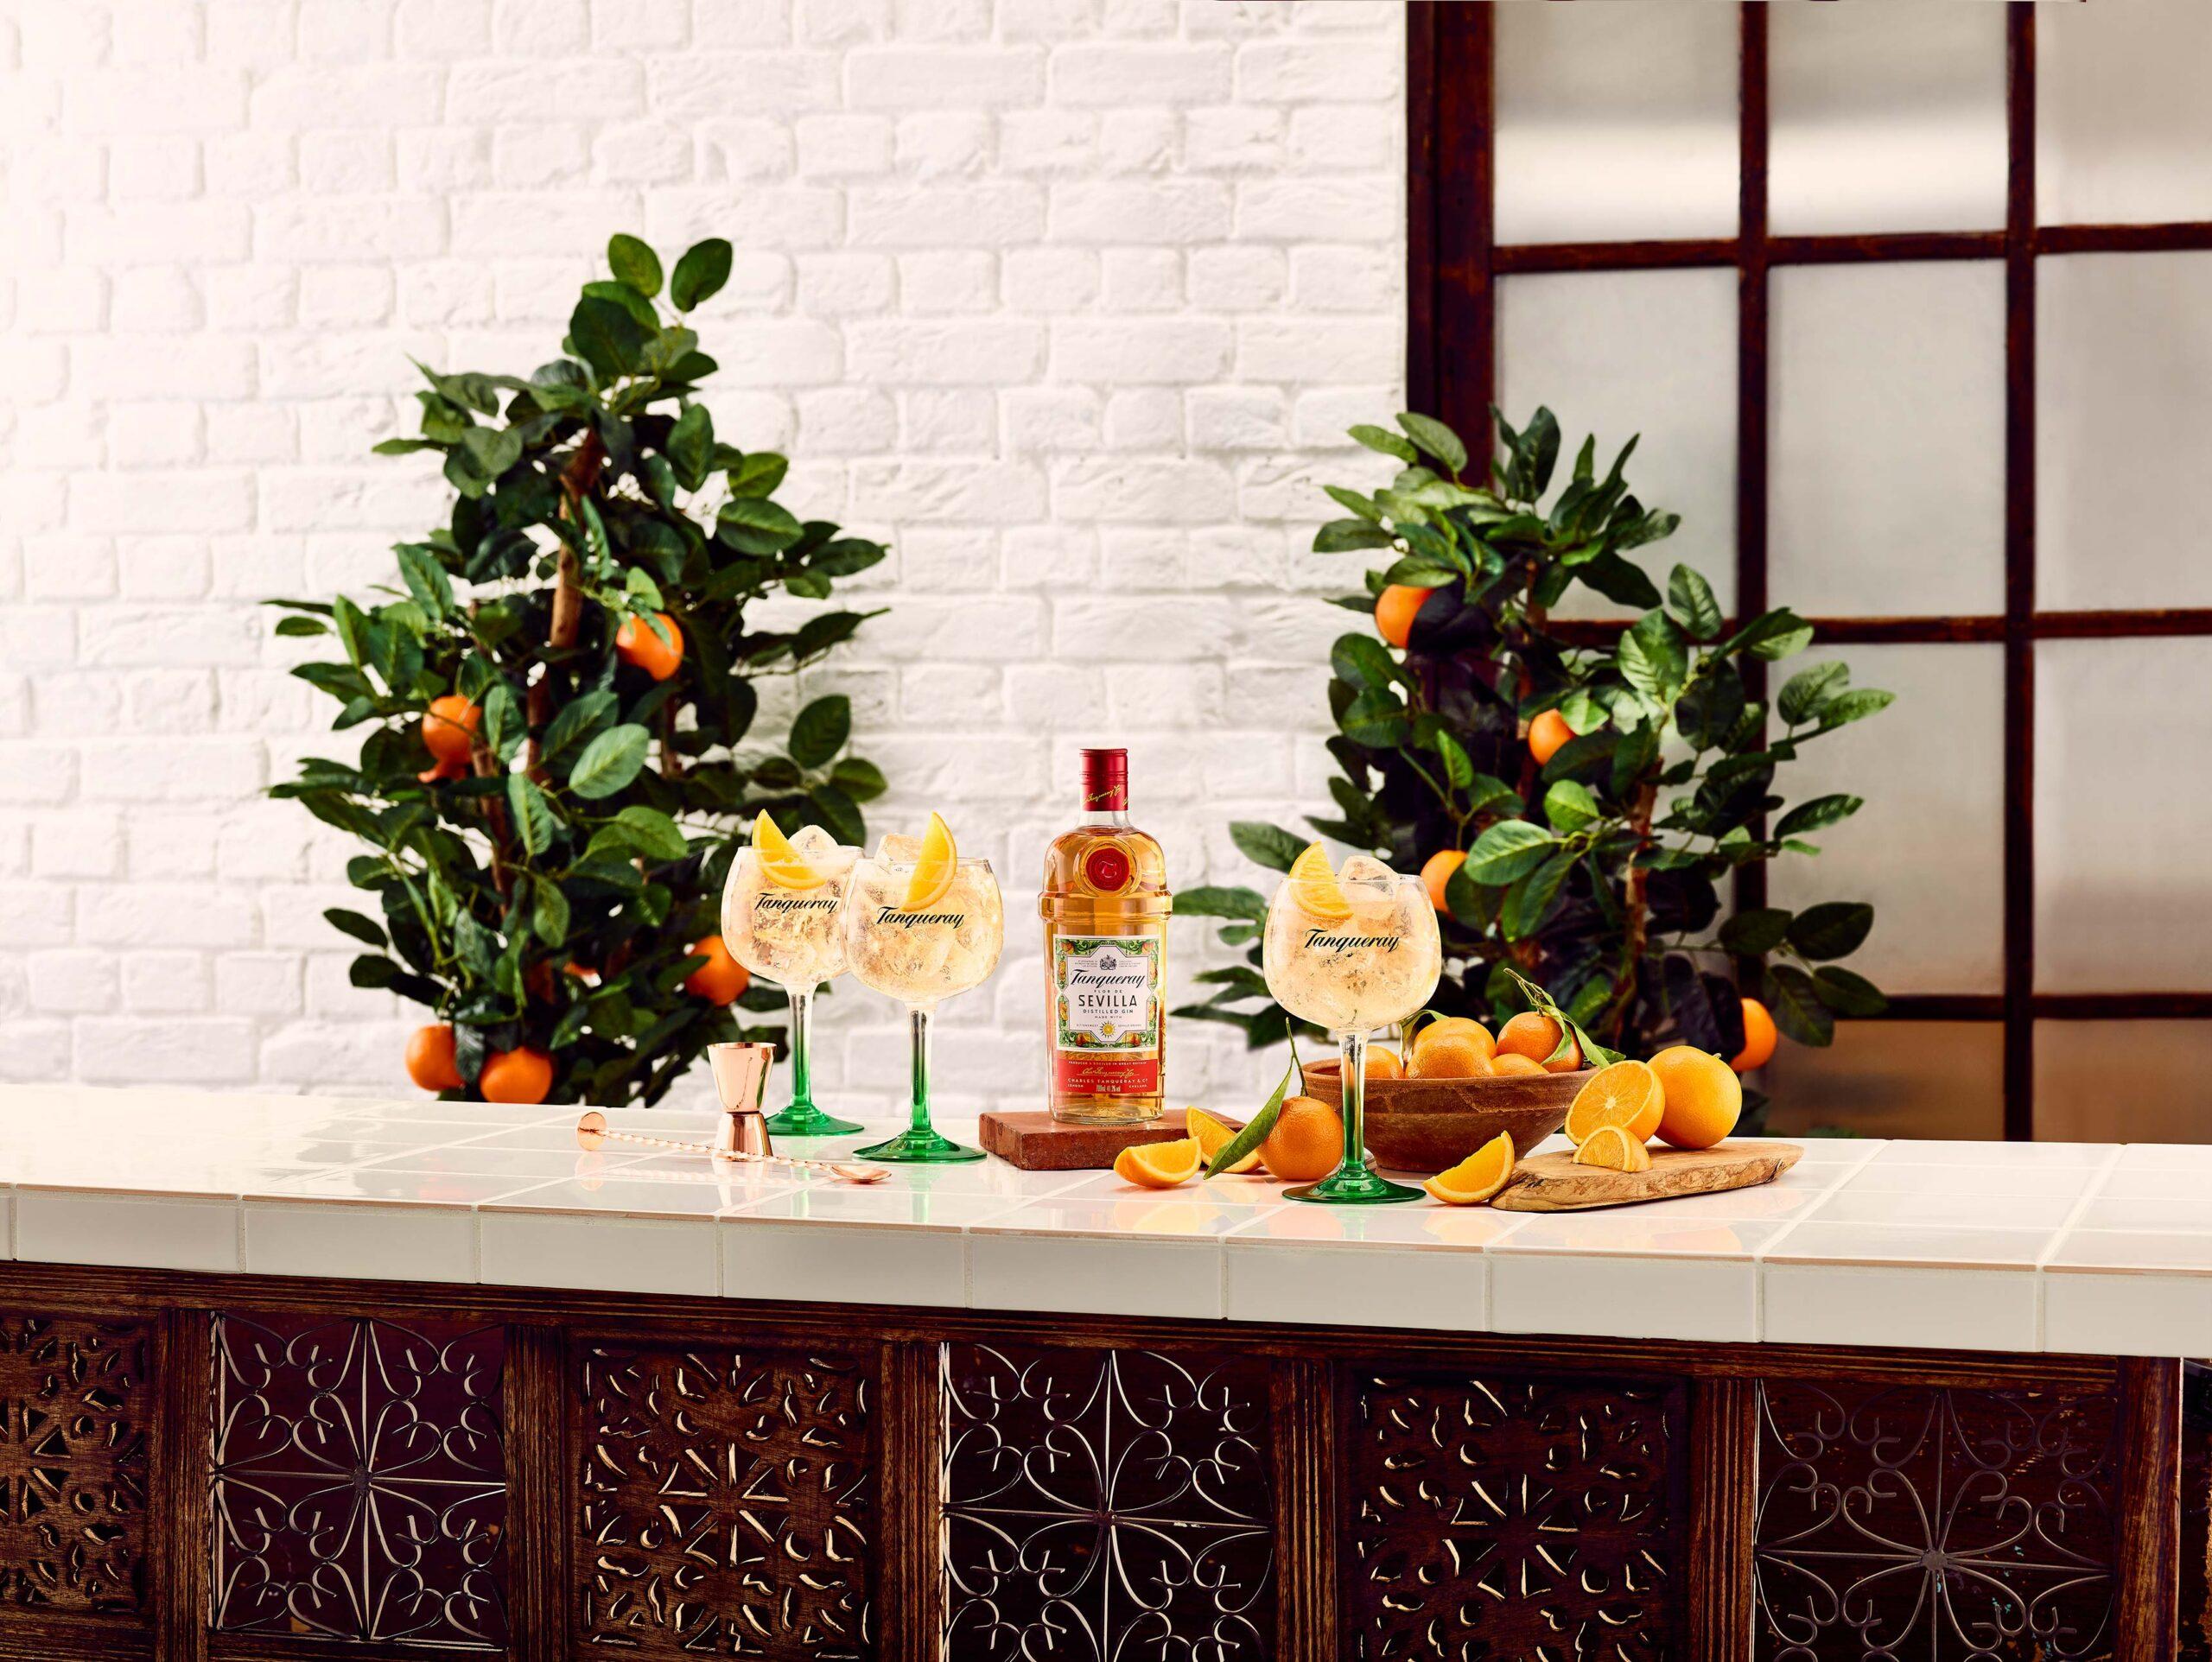 Gin inspirado en las naranjas de Sevilla, el recomendado del verano